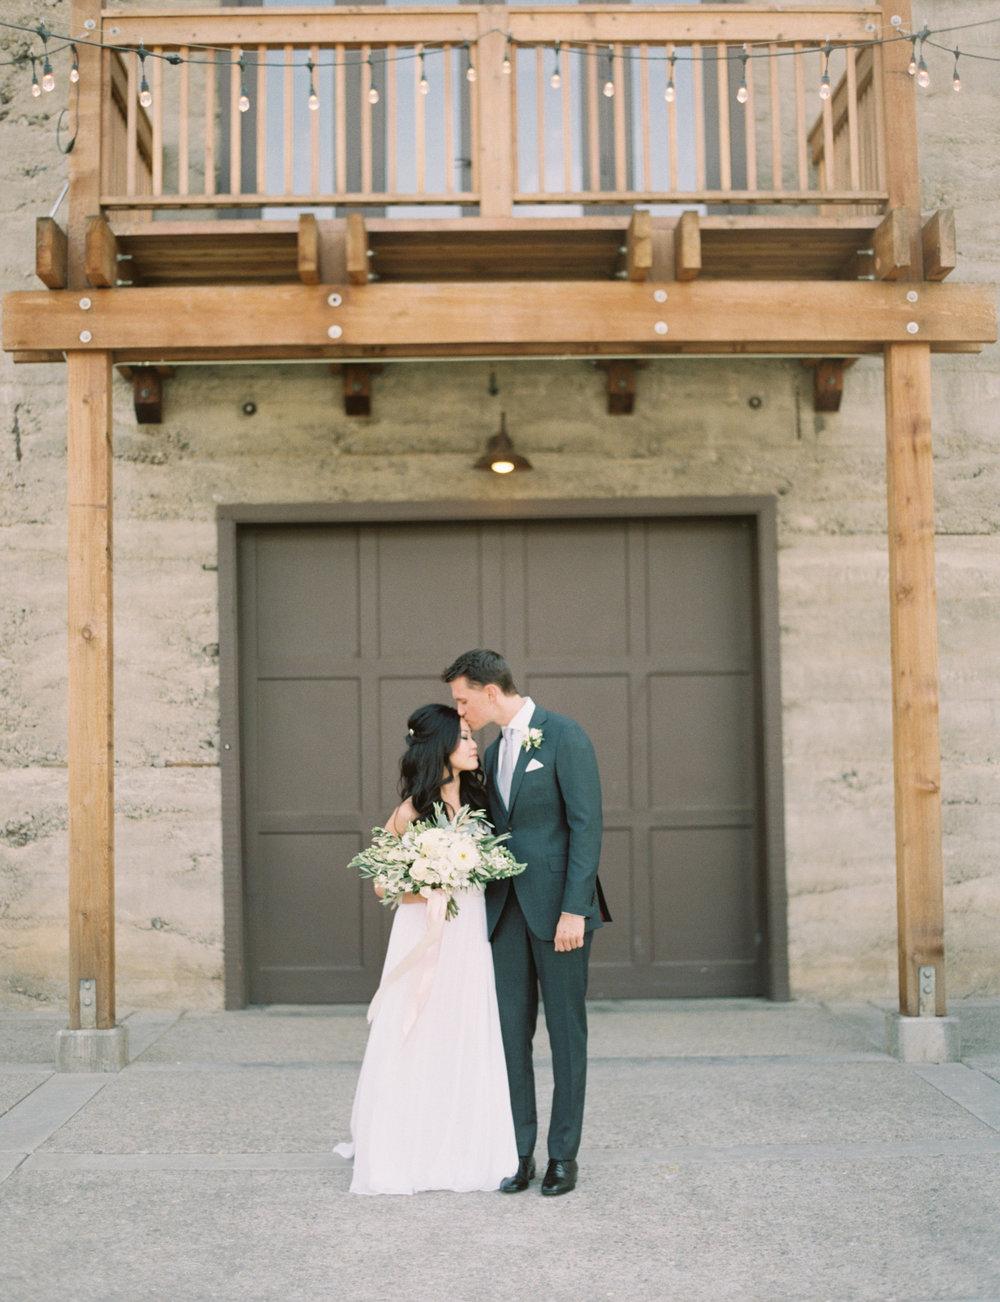 trynhphoto_sandiego_orangecounty_temecula_sf_weddingphotographer_KN-152.jpg